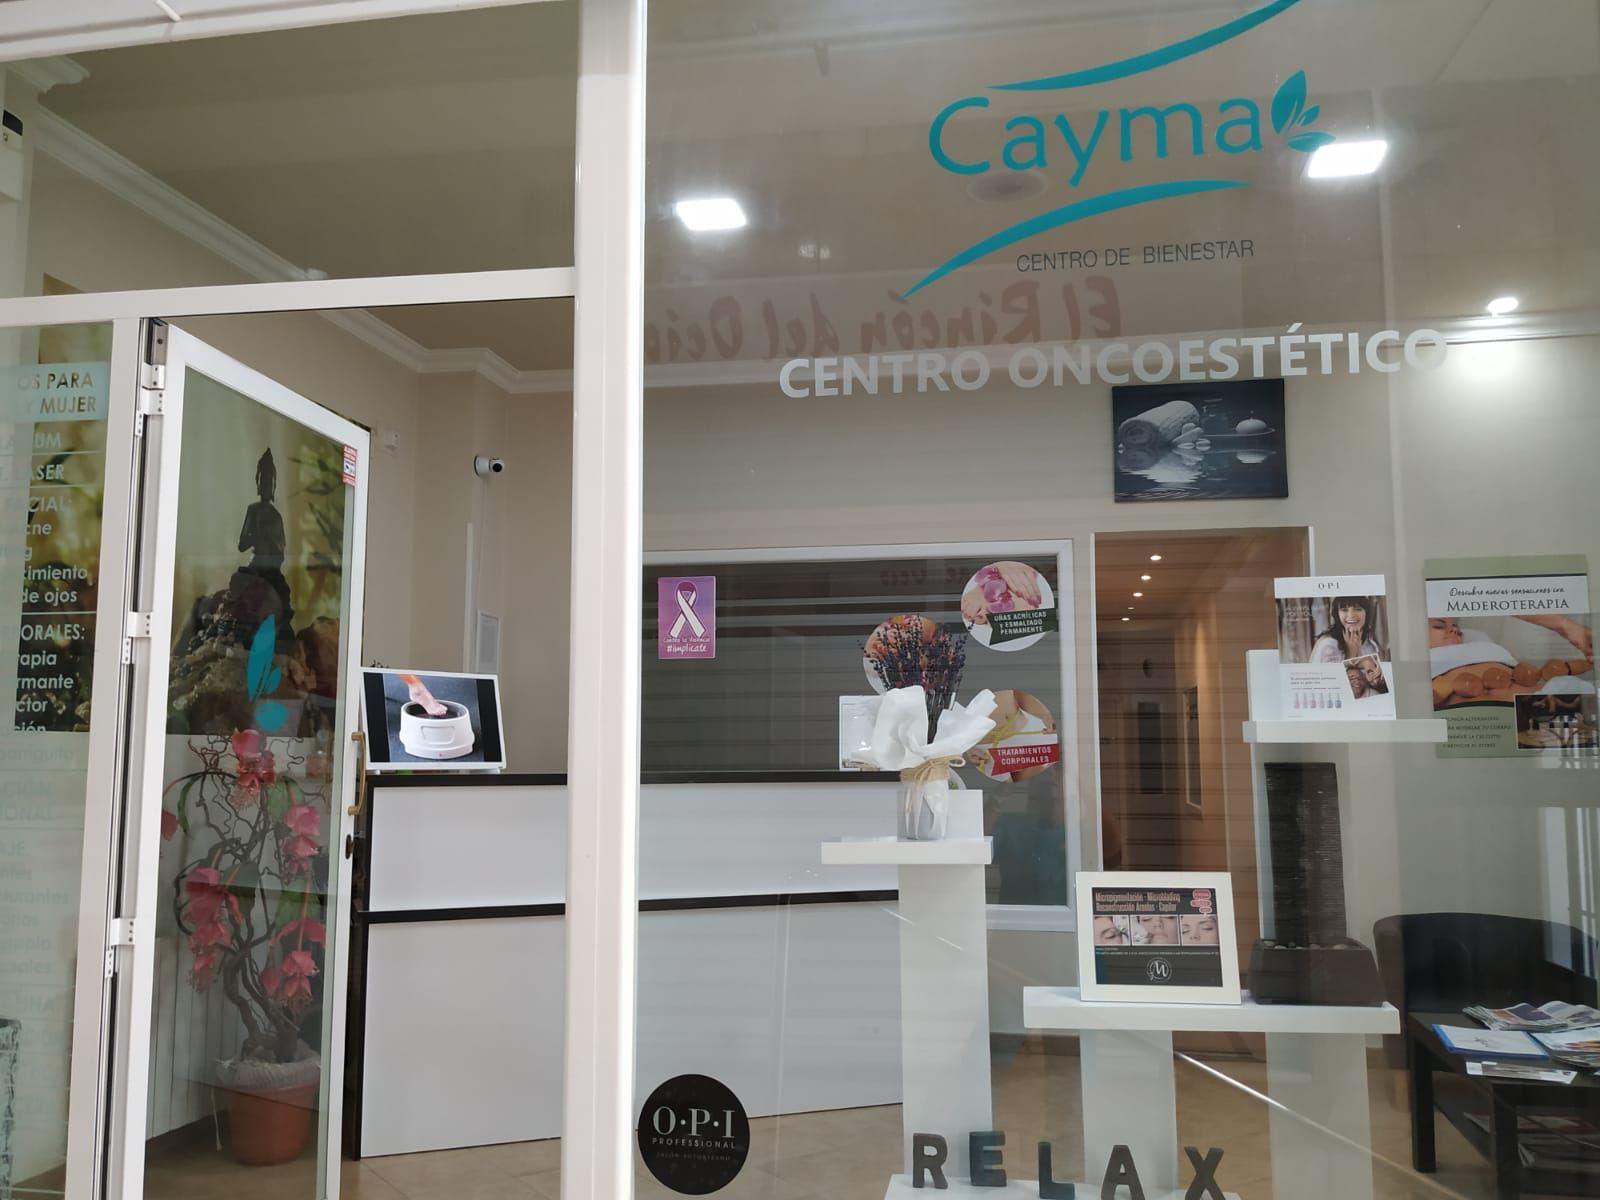 Foto 24 de Centro de bienestar y salud en Antequera | Centro Bienestar y Salud Cayma